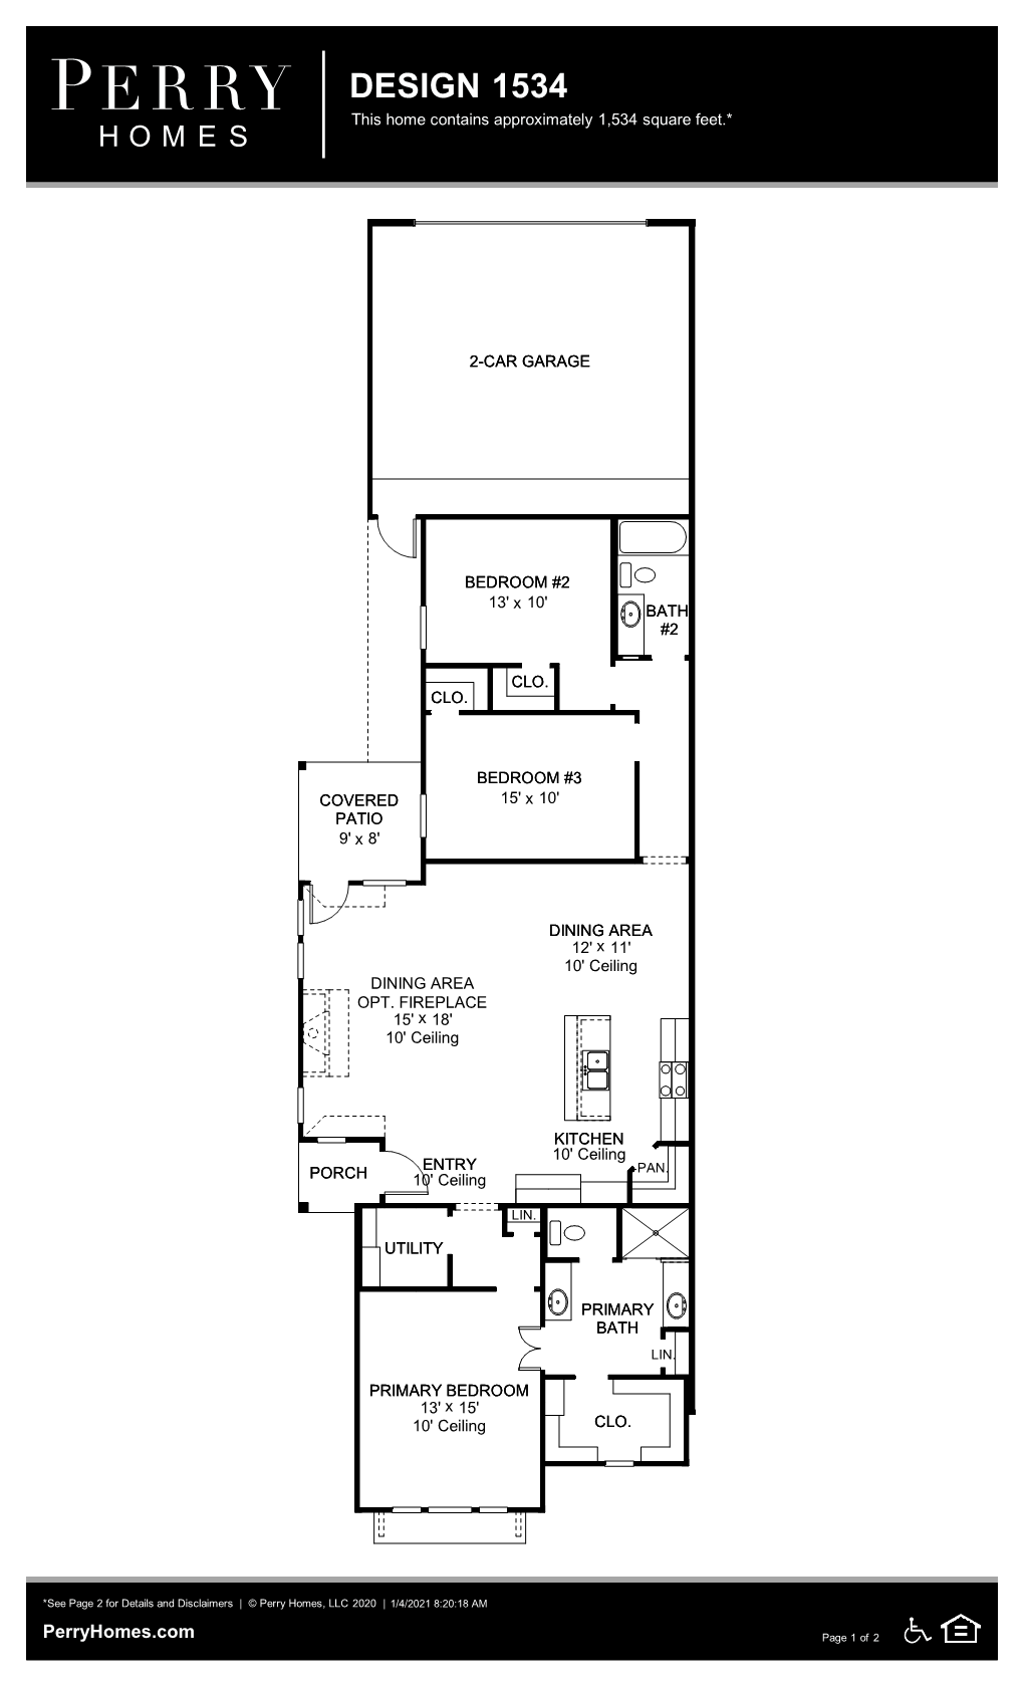 Floor Plan for 1534